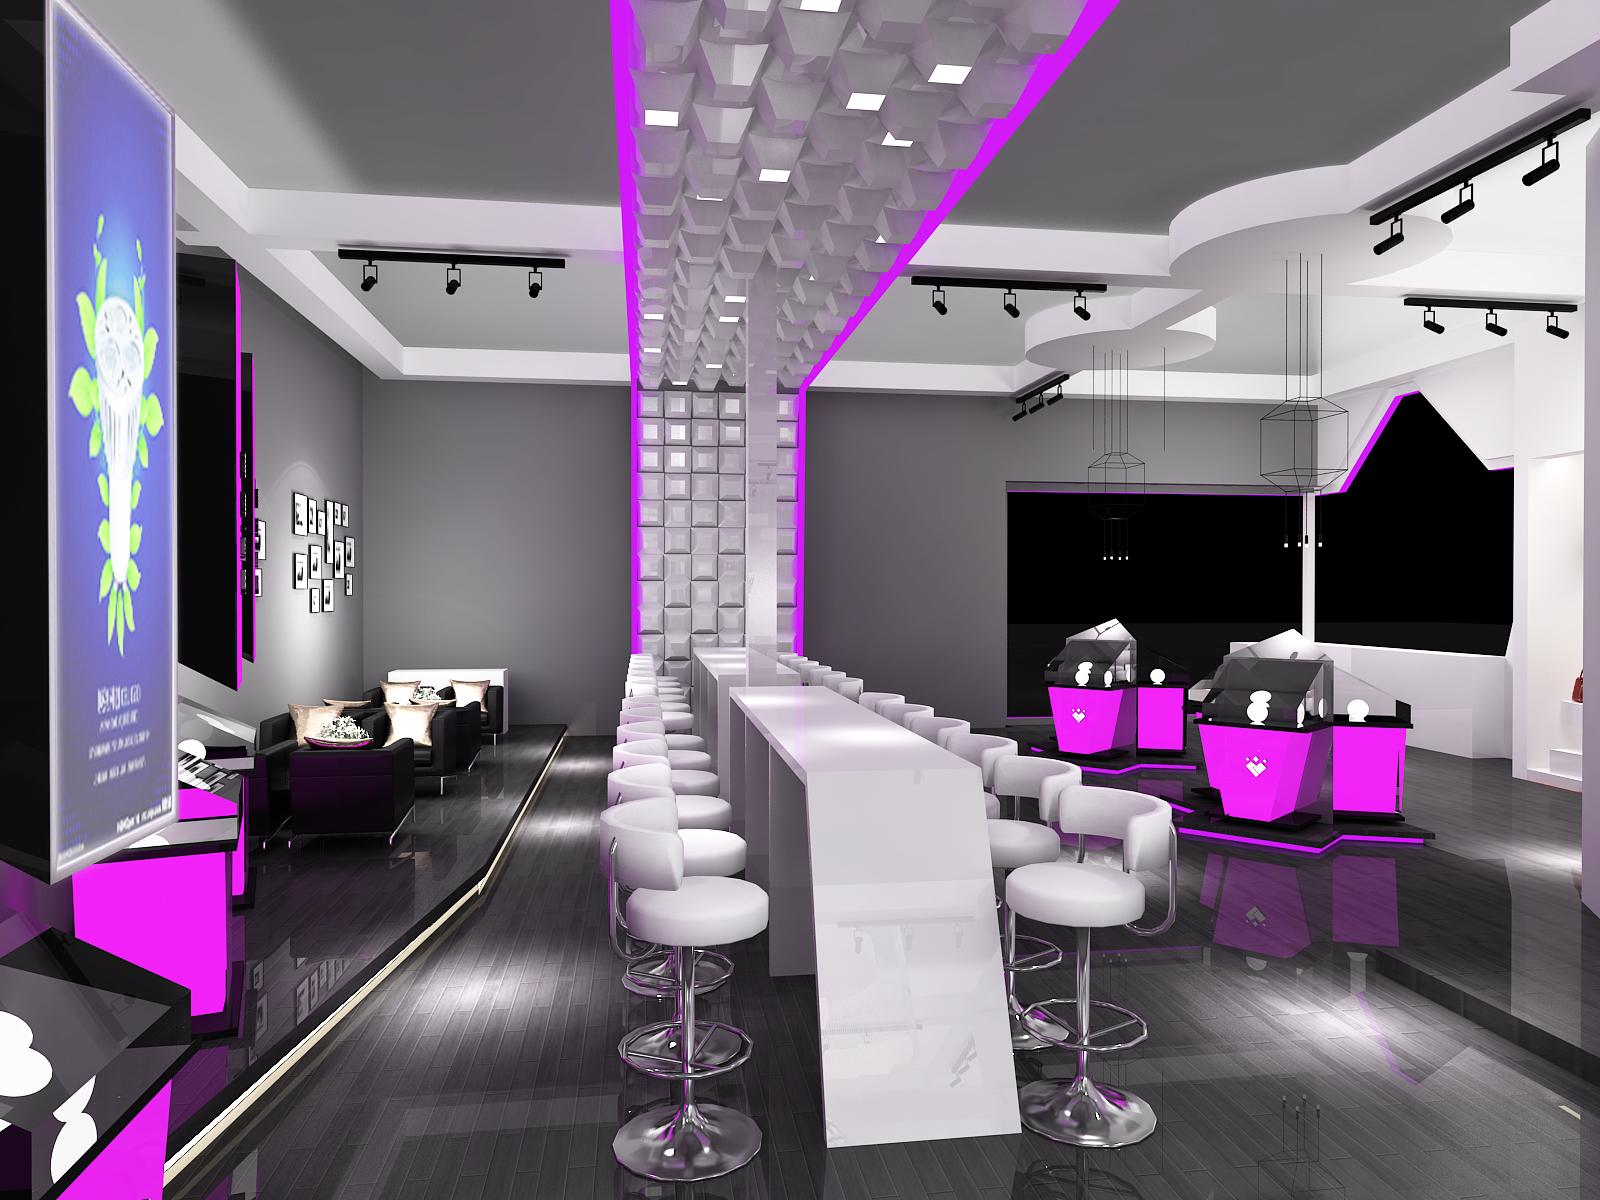 广州照明展特装展台设计搭建、光亚照明展展台设计搭建-笔煊展览十年行业服务经验